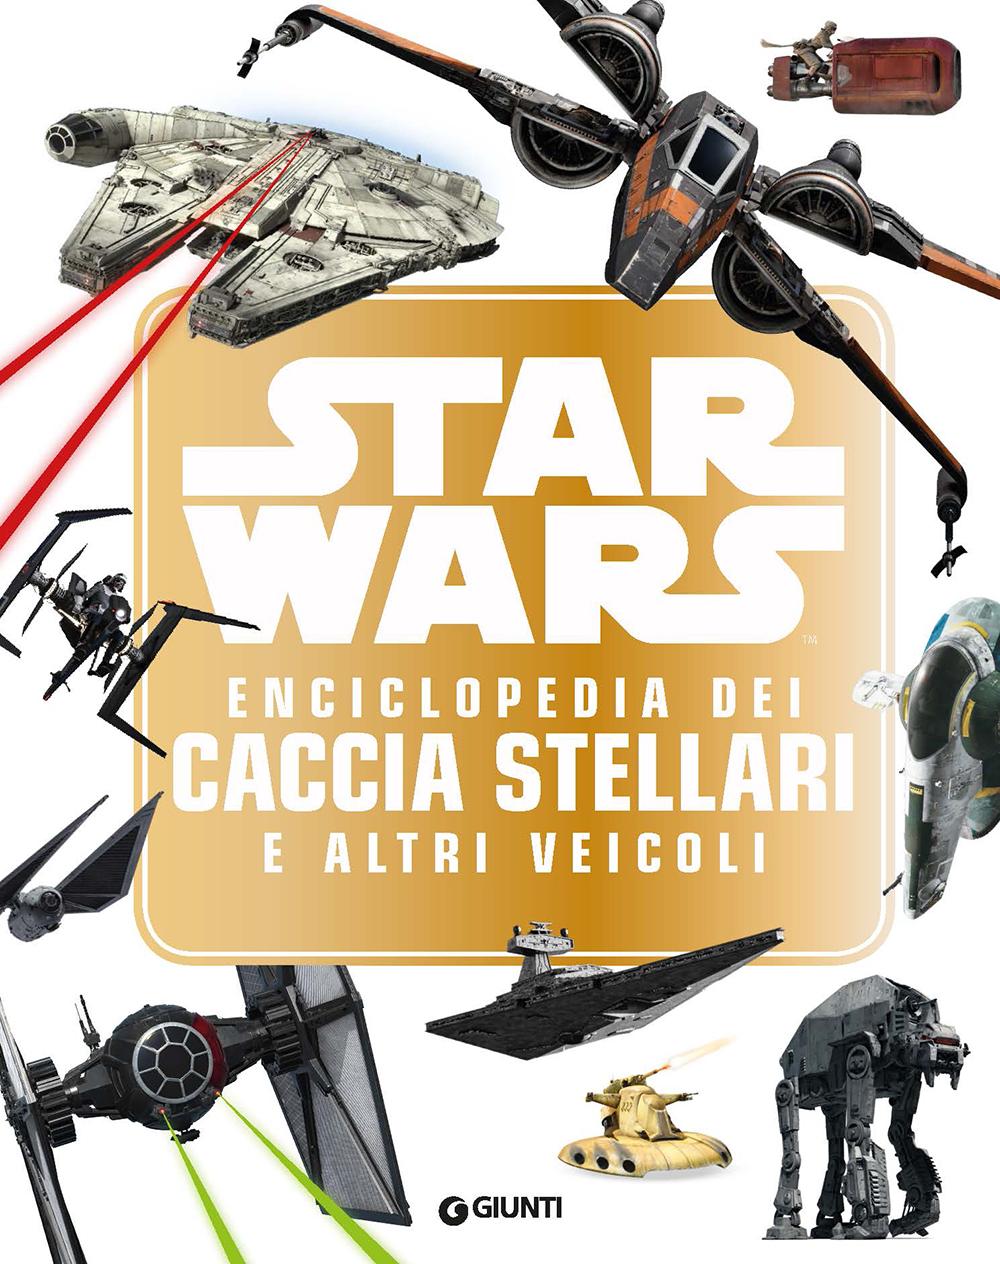 Enciclopedia dei Personaggi - Star Wars. Enciclopedia dei Caccia Stellari e altri veicoli